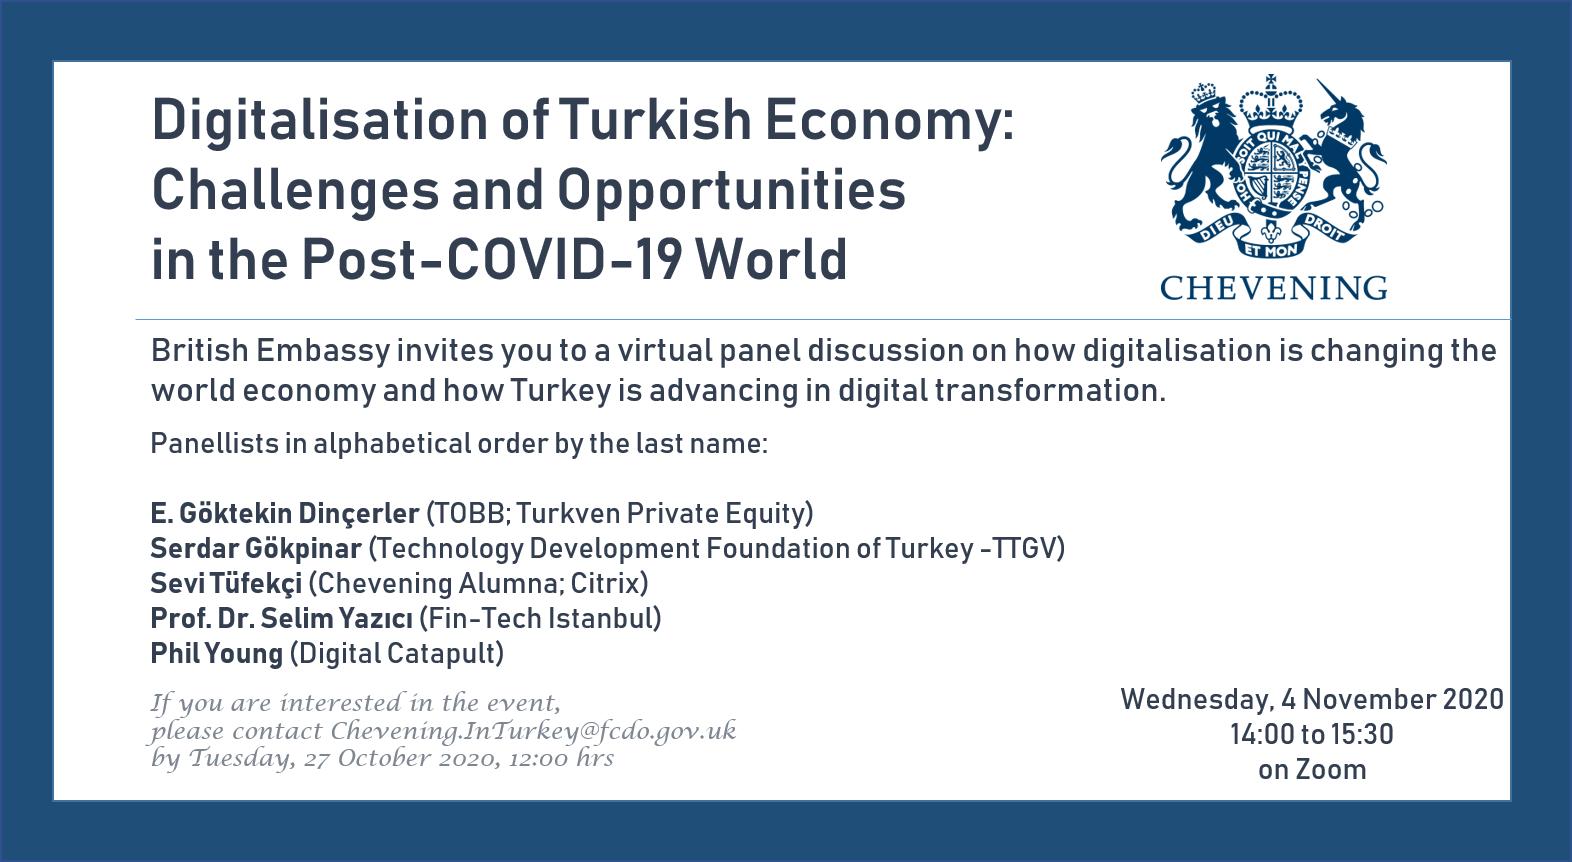 Türkiye Ekonomisinin Dijitalleşmesi: COVID-19 Sonrası Dünyadaki Zorluklar ve Fırsatlar